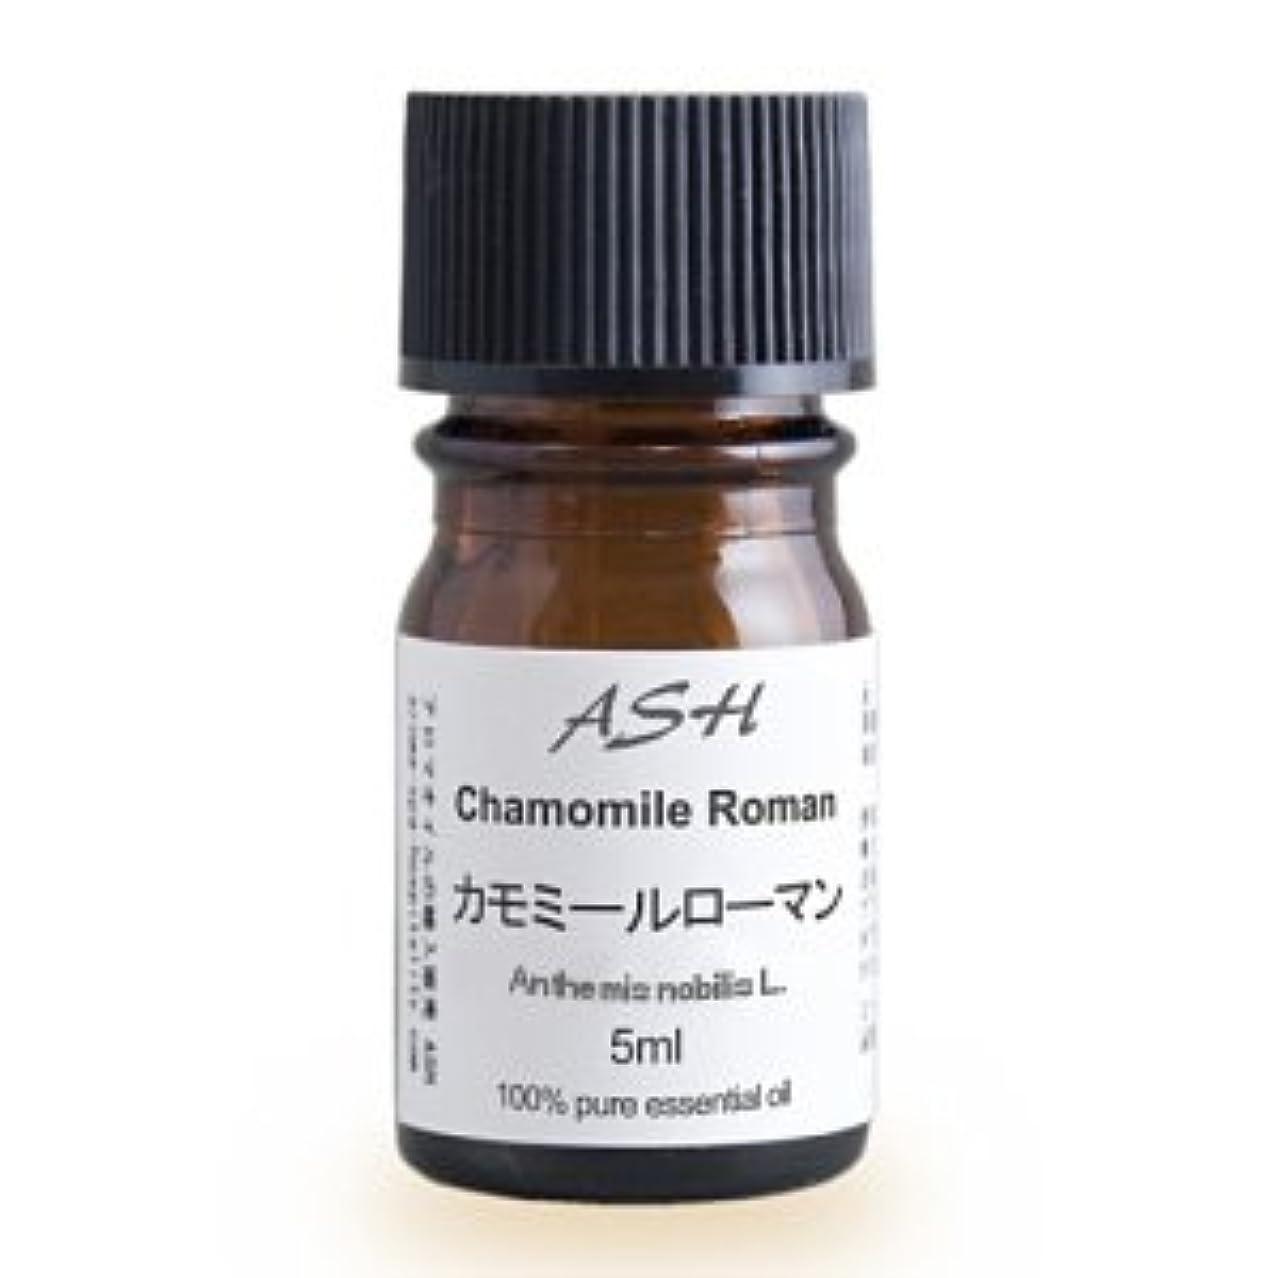 ショップラダできるASH カモミールローマン エッセンシャルオイル 5ml AEAJ表示基準適合認定精油